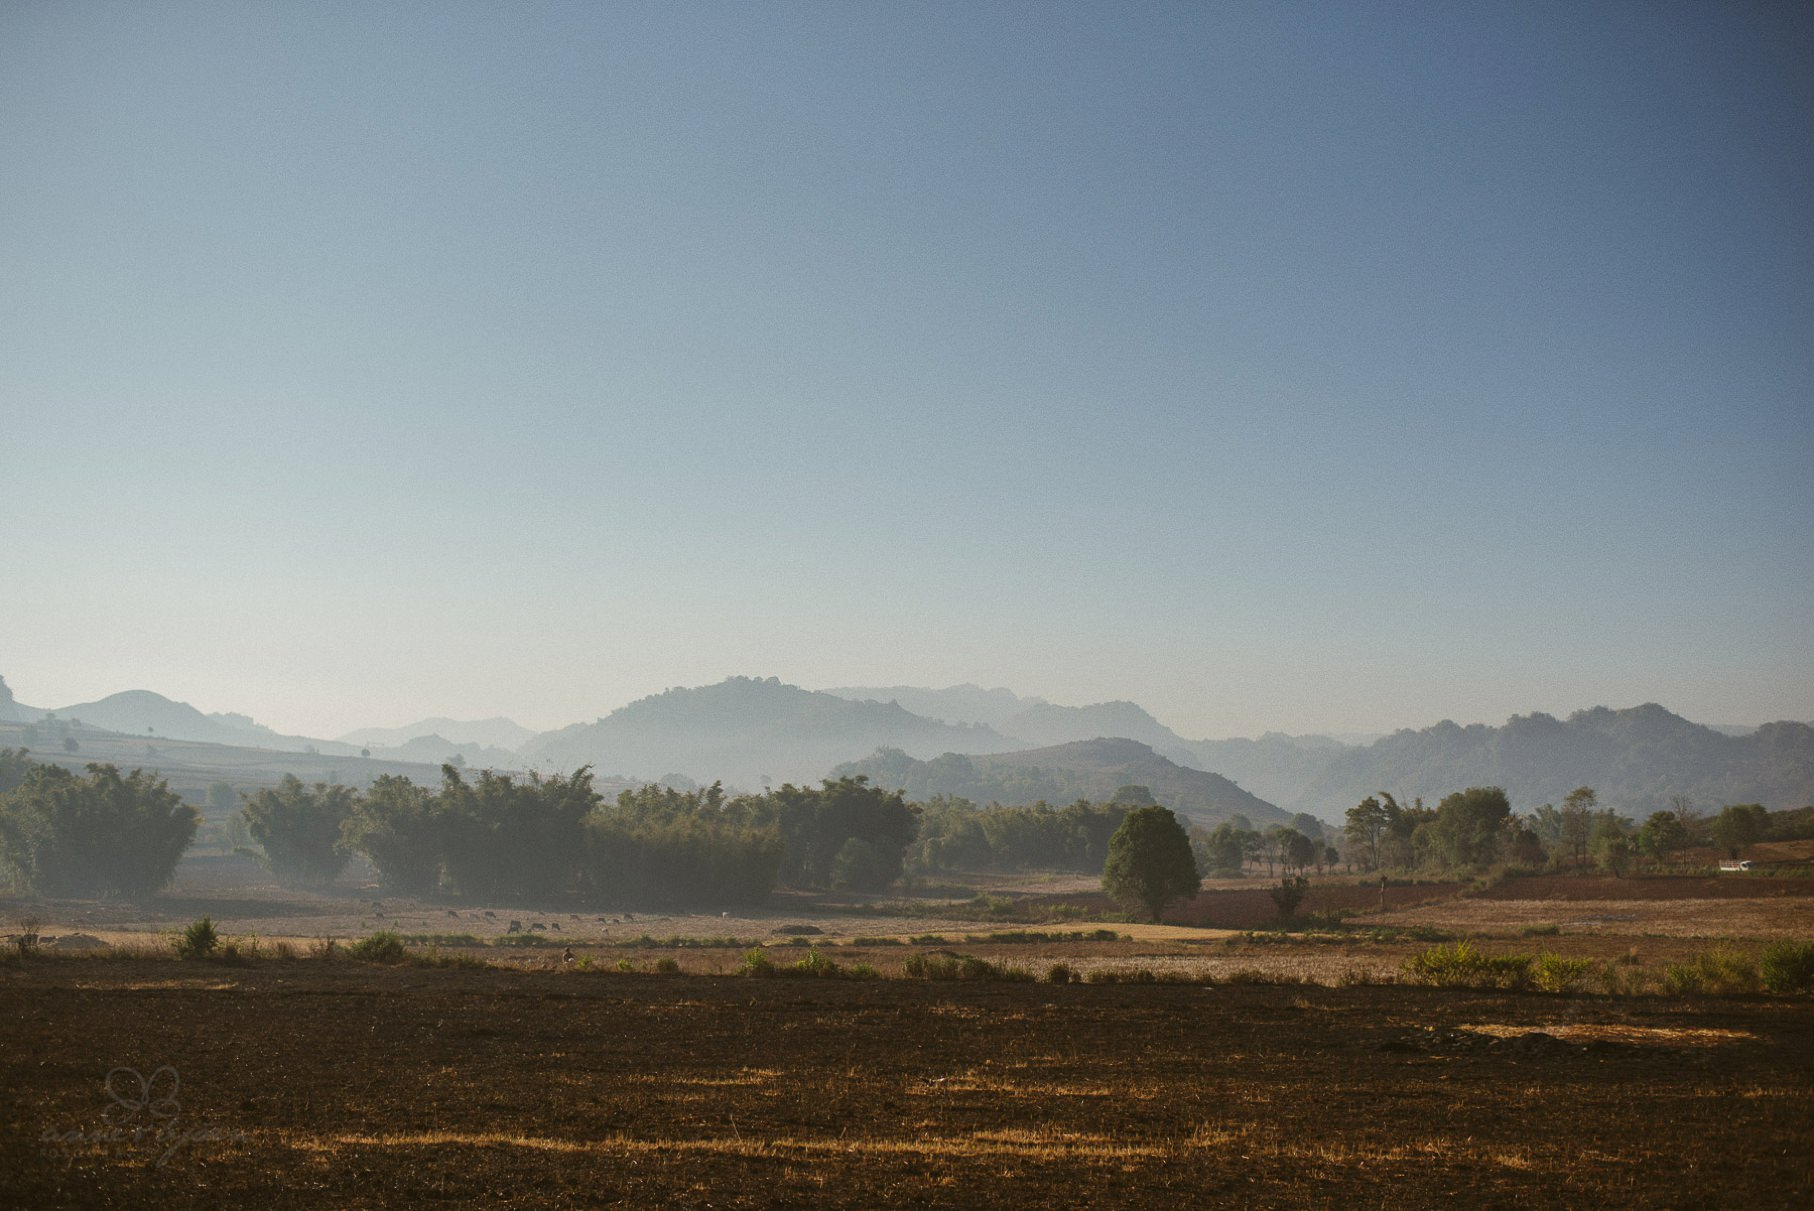 0054 inle lake trekking d76 6088 - Trekking von Kalaw zum Inle-See - Myanmar / Burma